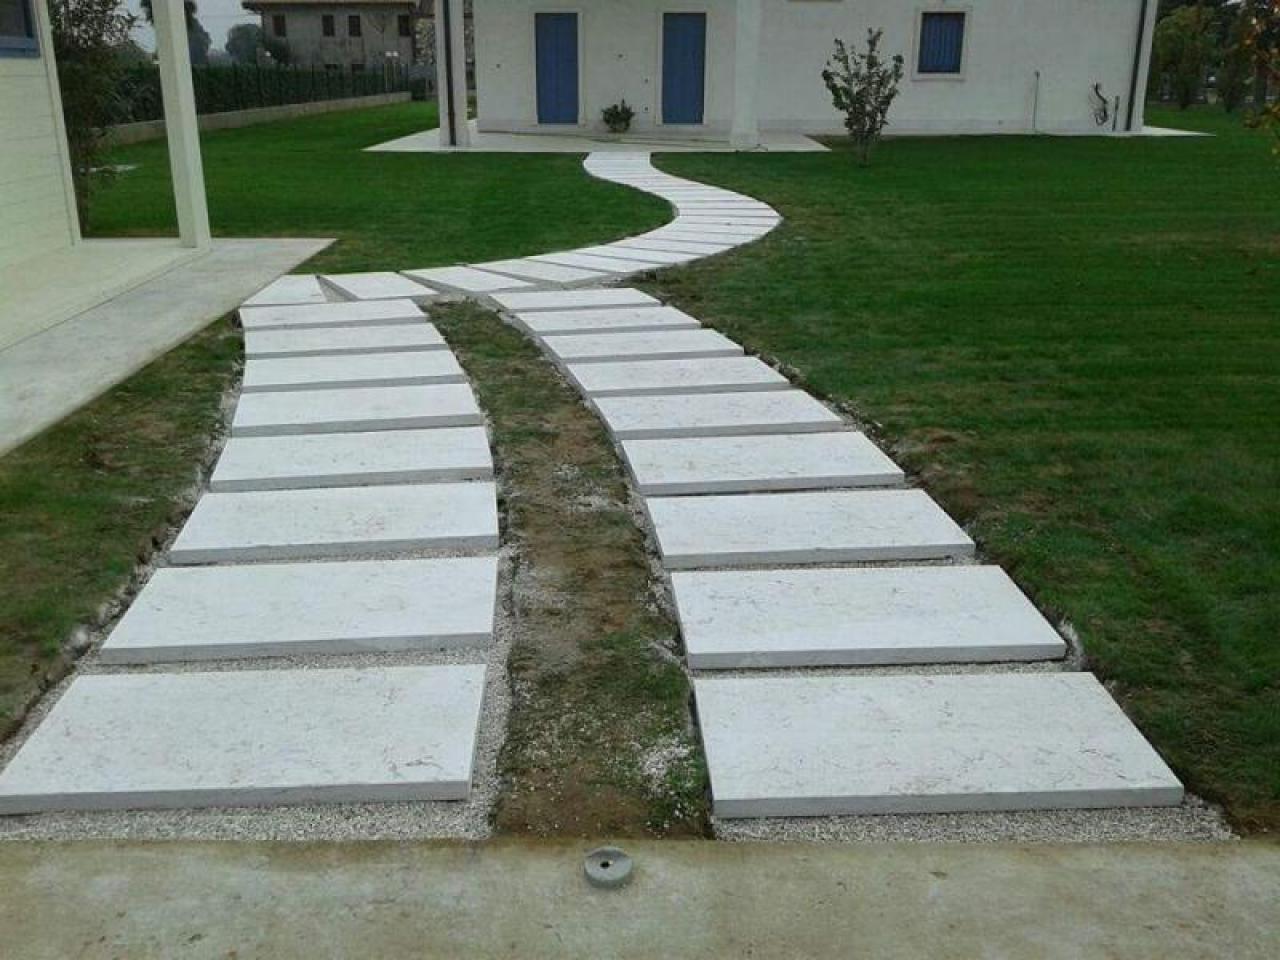 Pietra lessinia: vialetto in giardino realizzato a vicenza